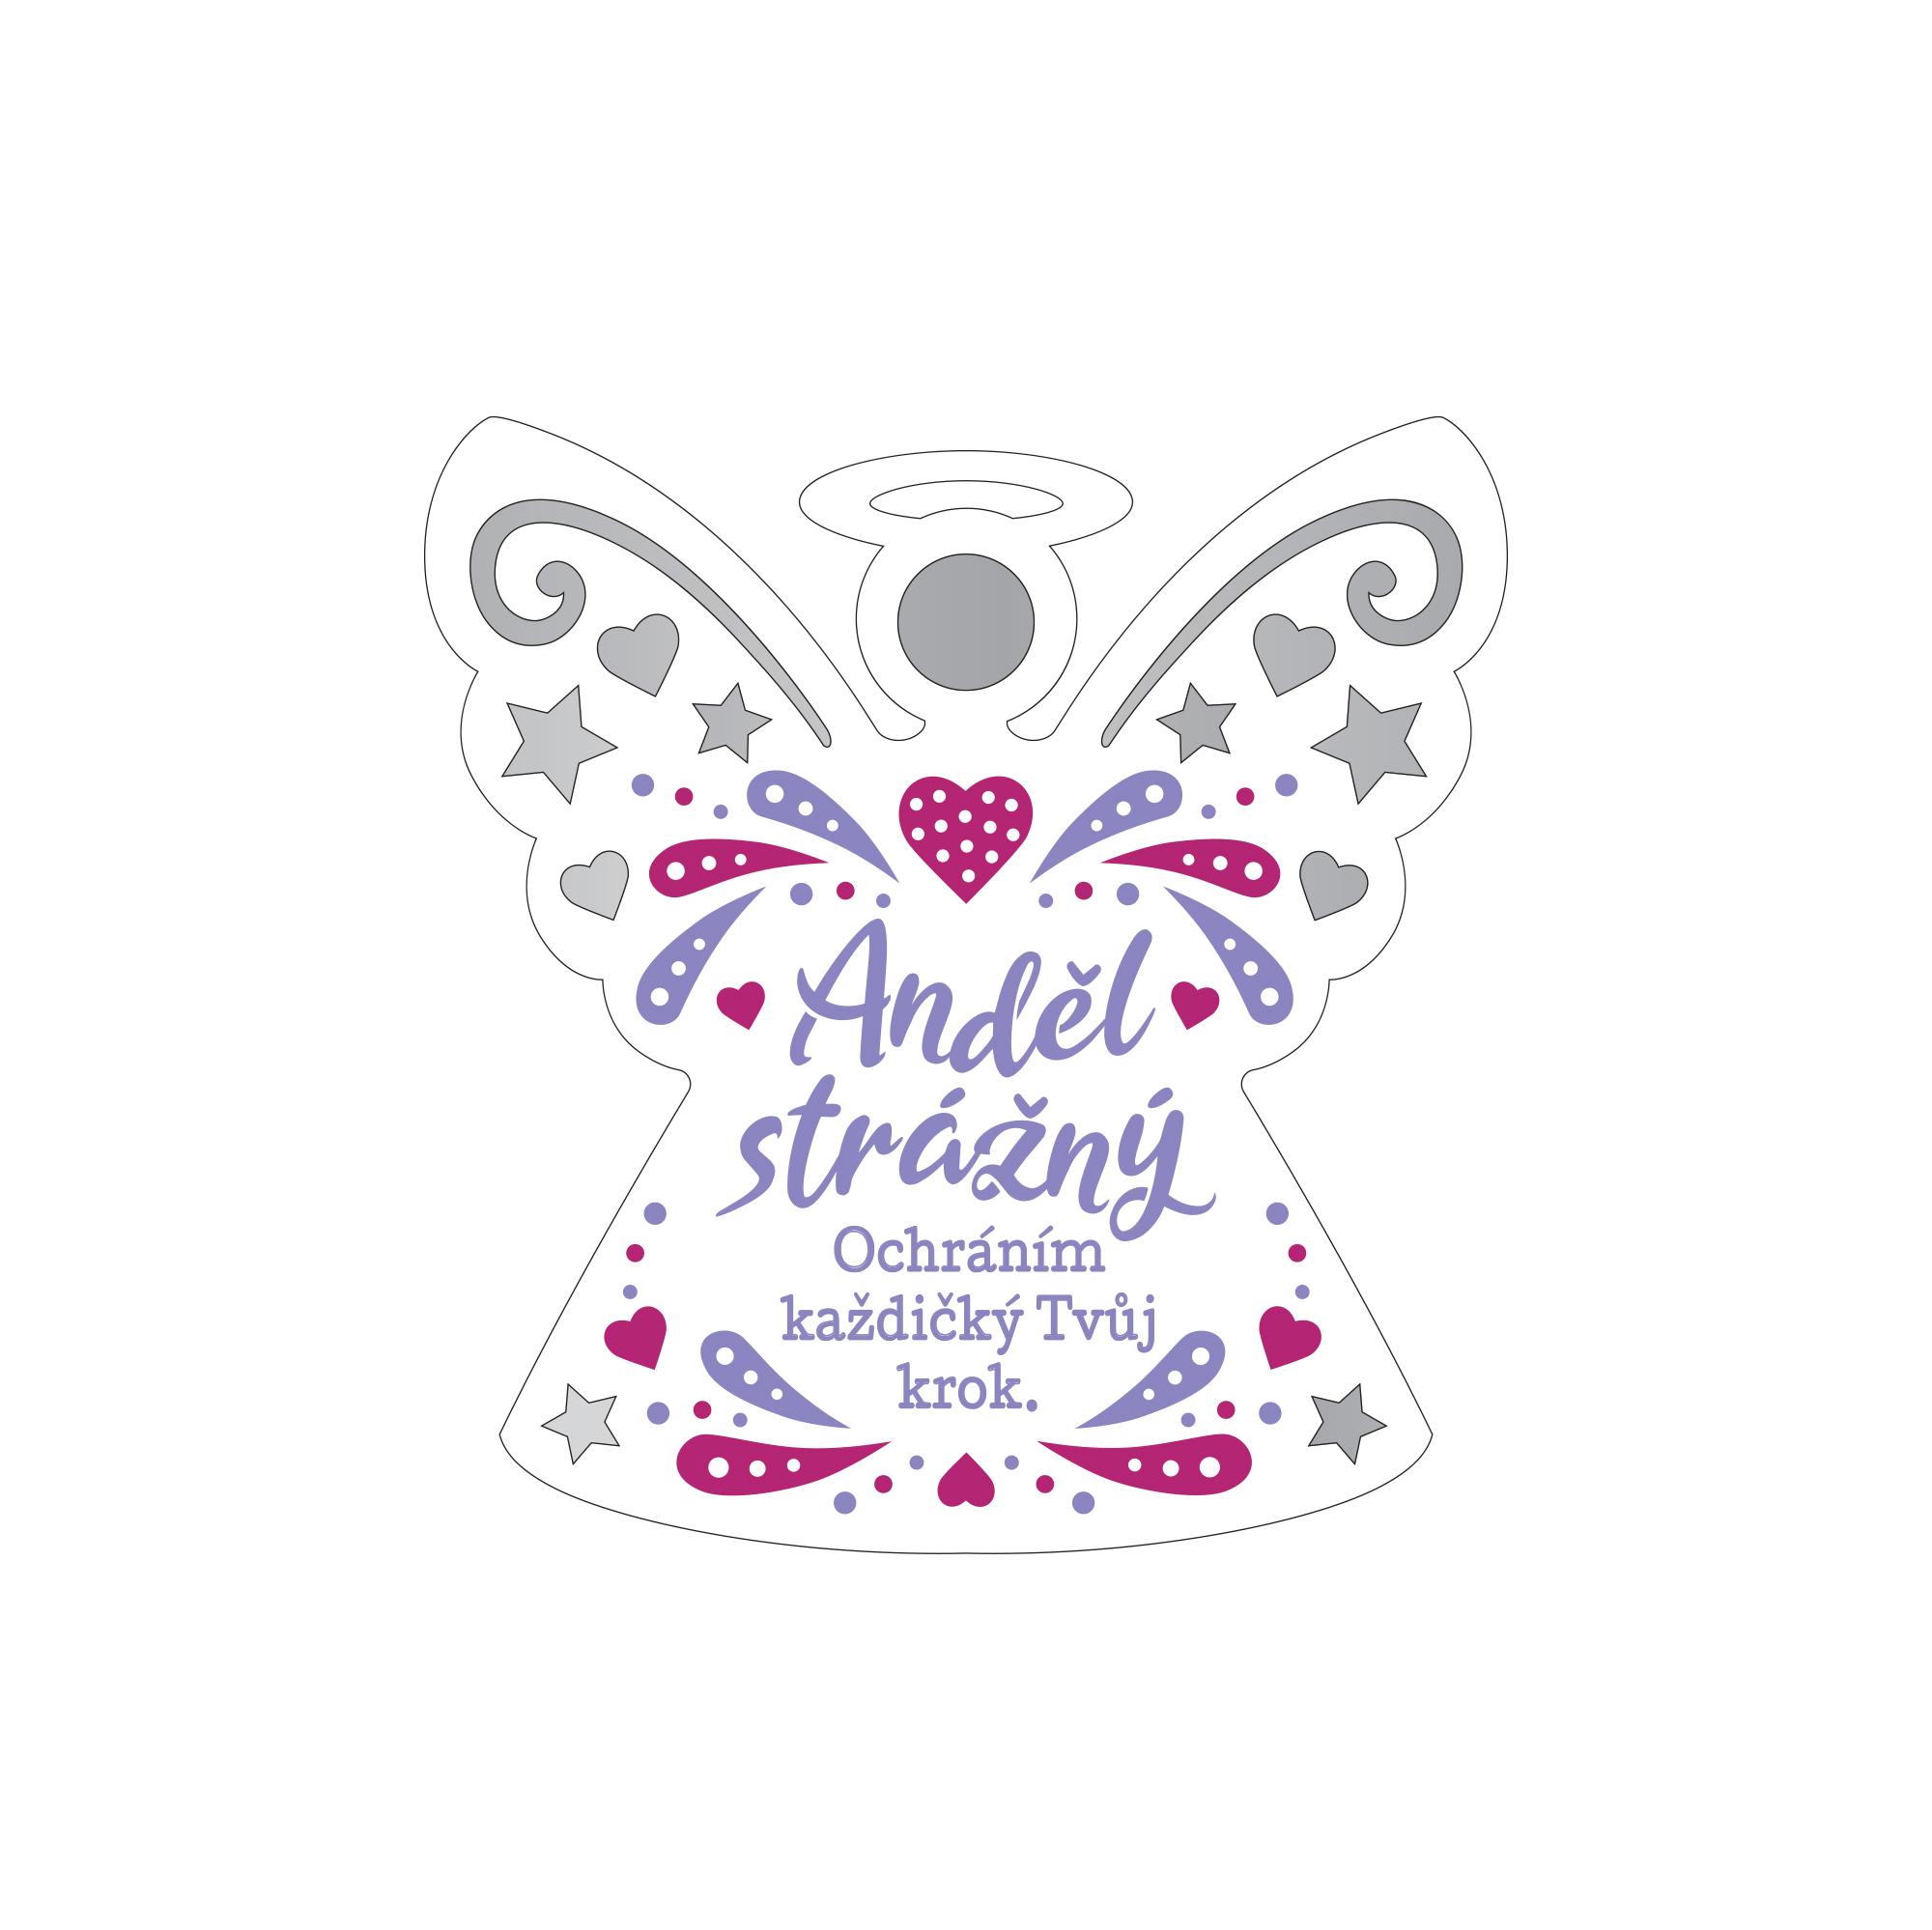 Plaketka anděl - Anděl strážný